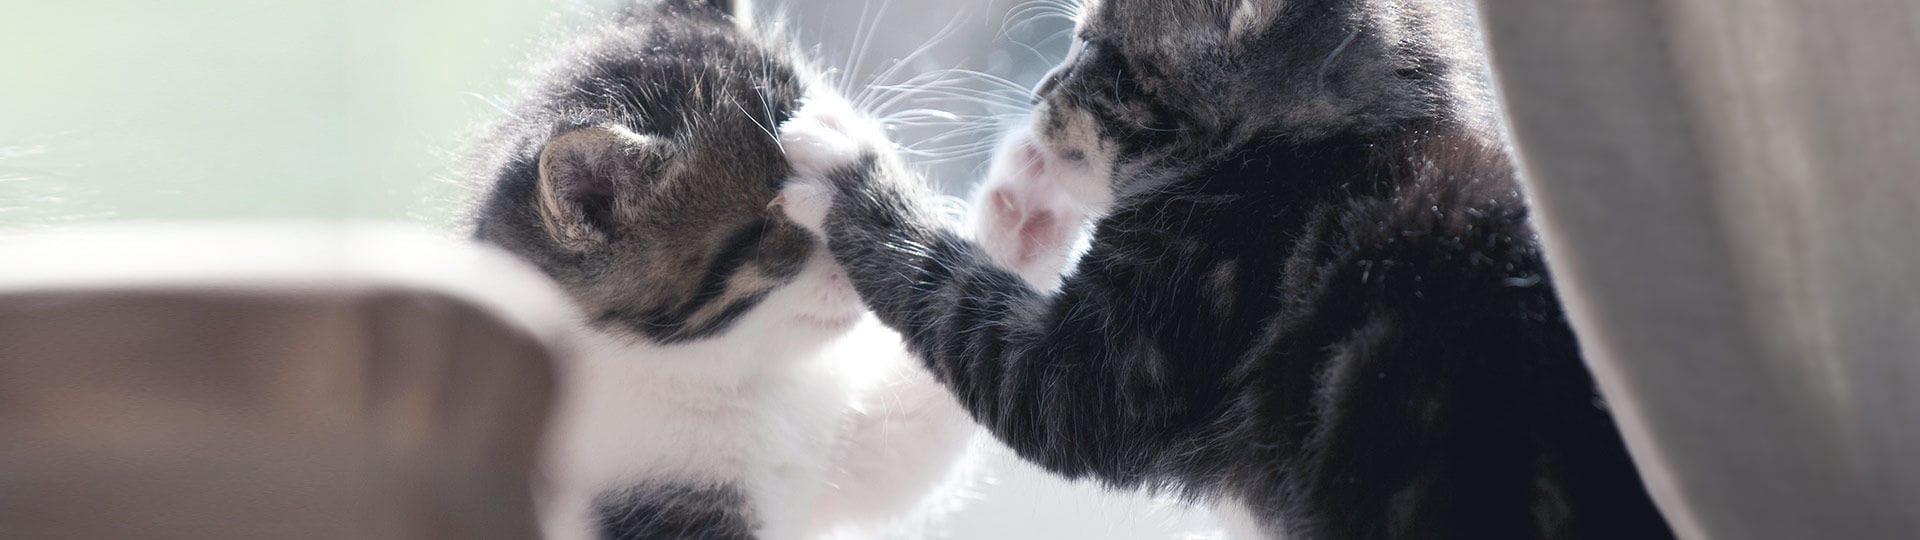 Gatos haciendo pis en alfombras